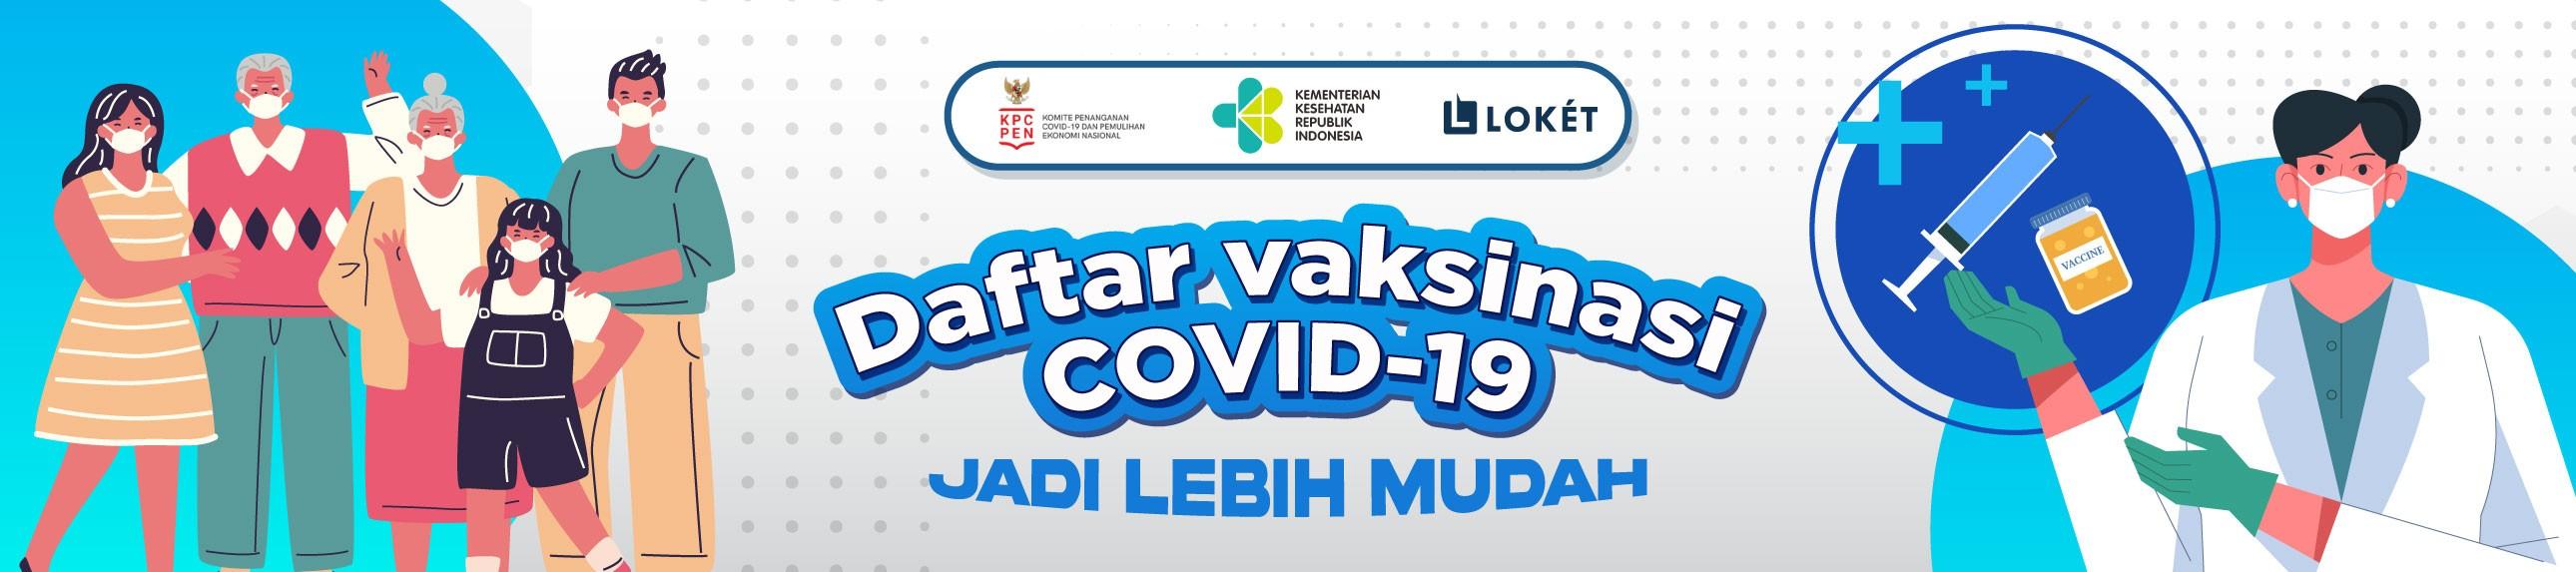 Vaksin Jawa Barat